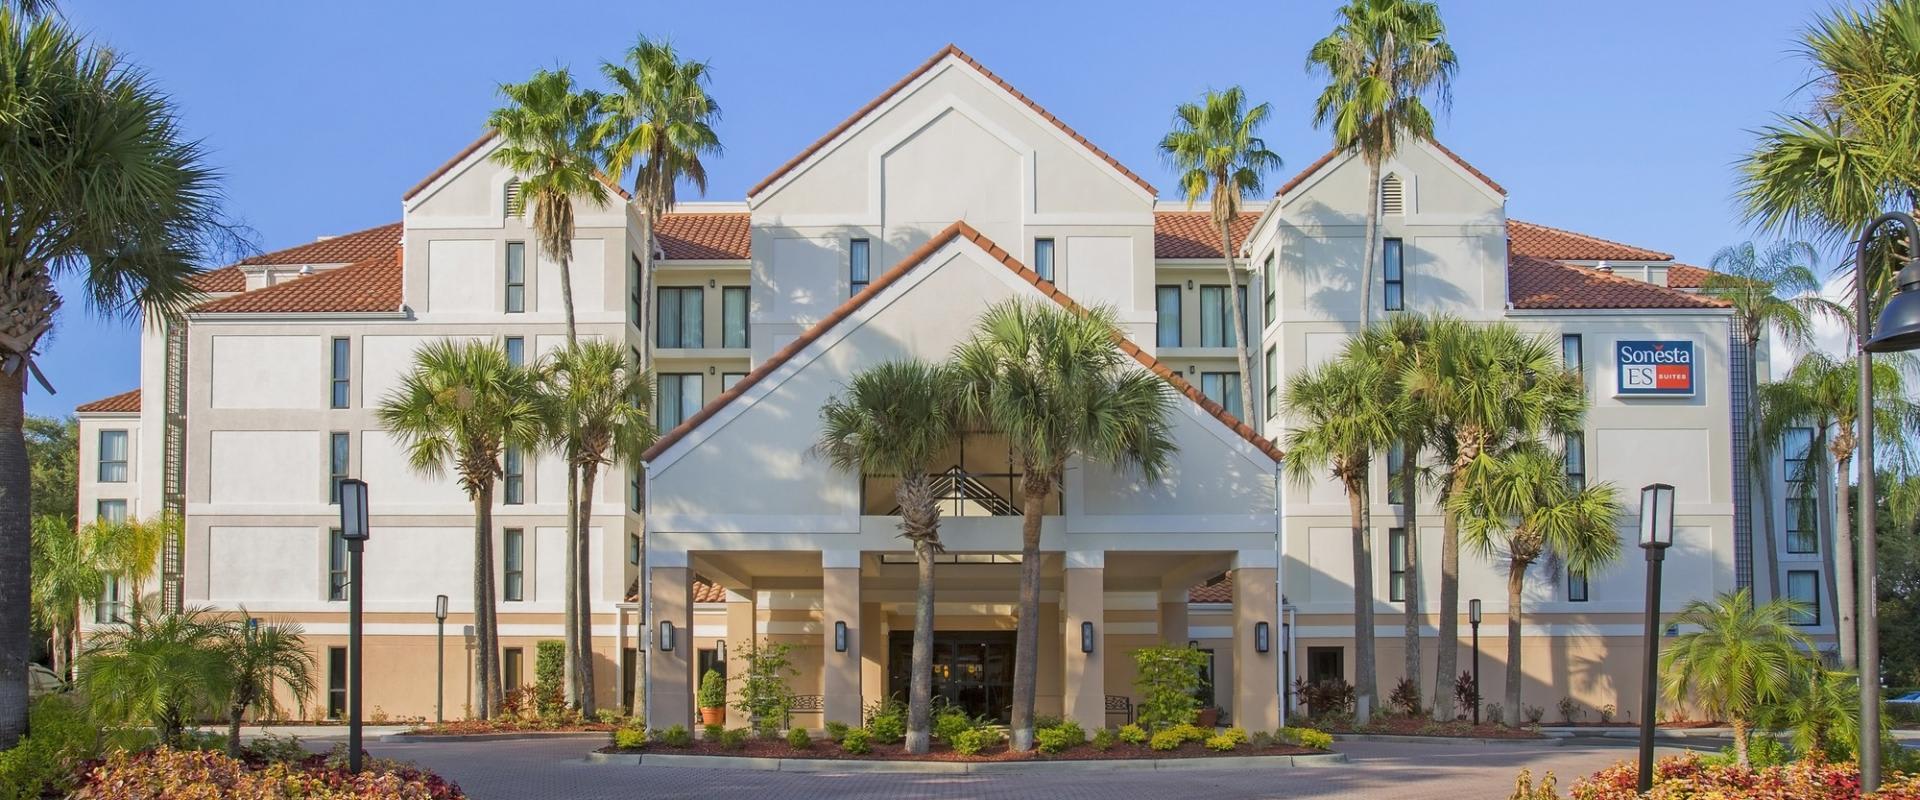 Sonesta ES Suites Orlando - Hotel Front